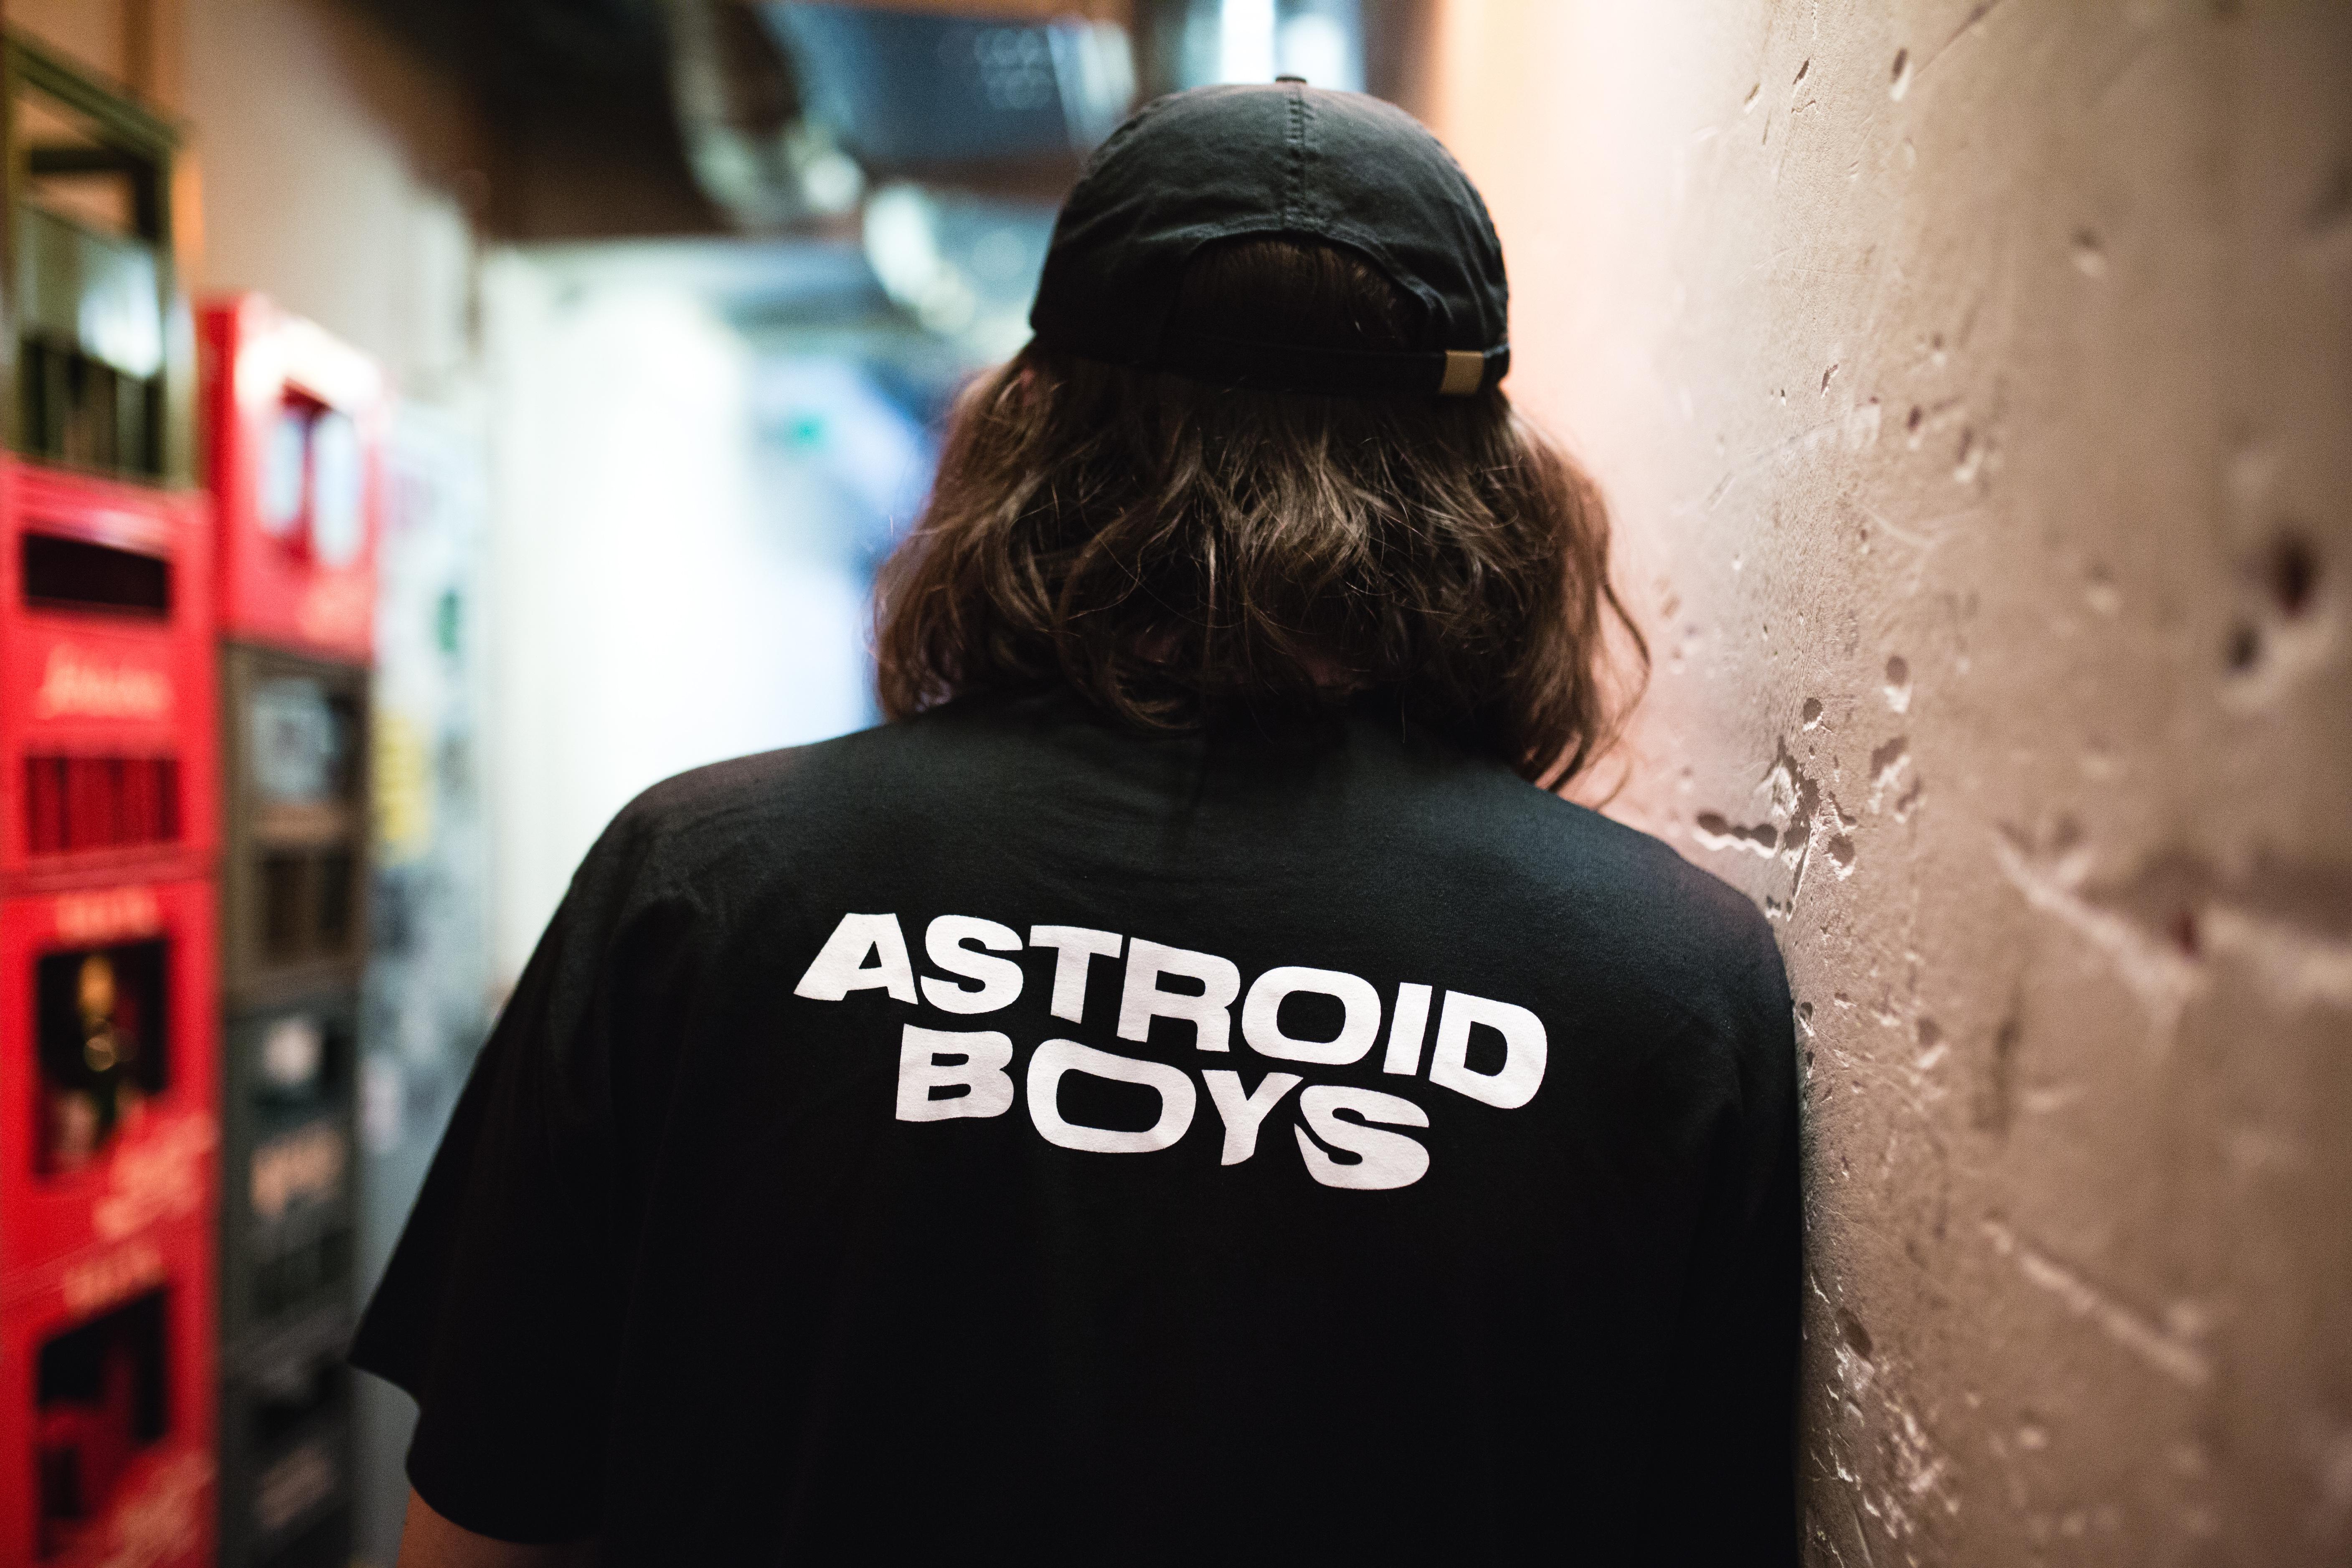 WHITE AB LOGO T-SHIRT - Astroid Boys